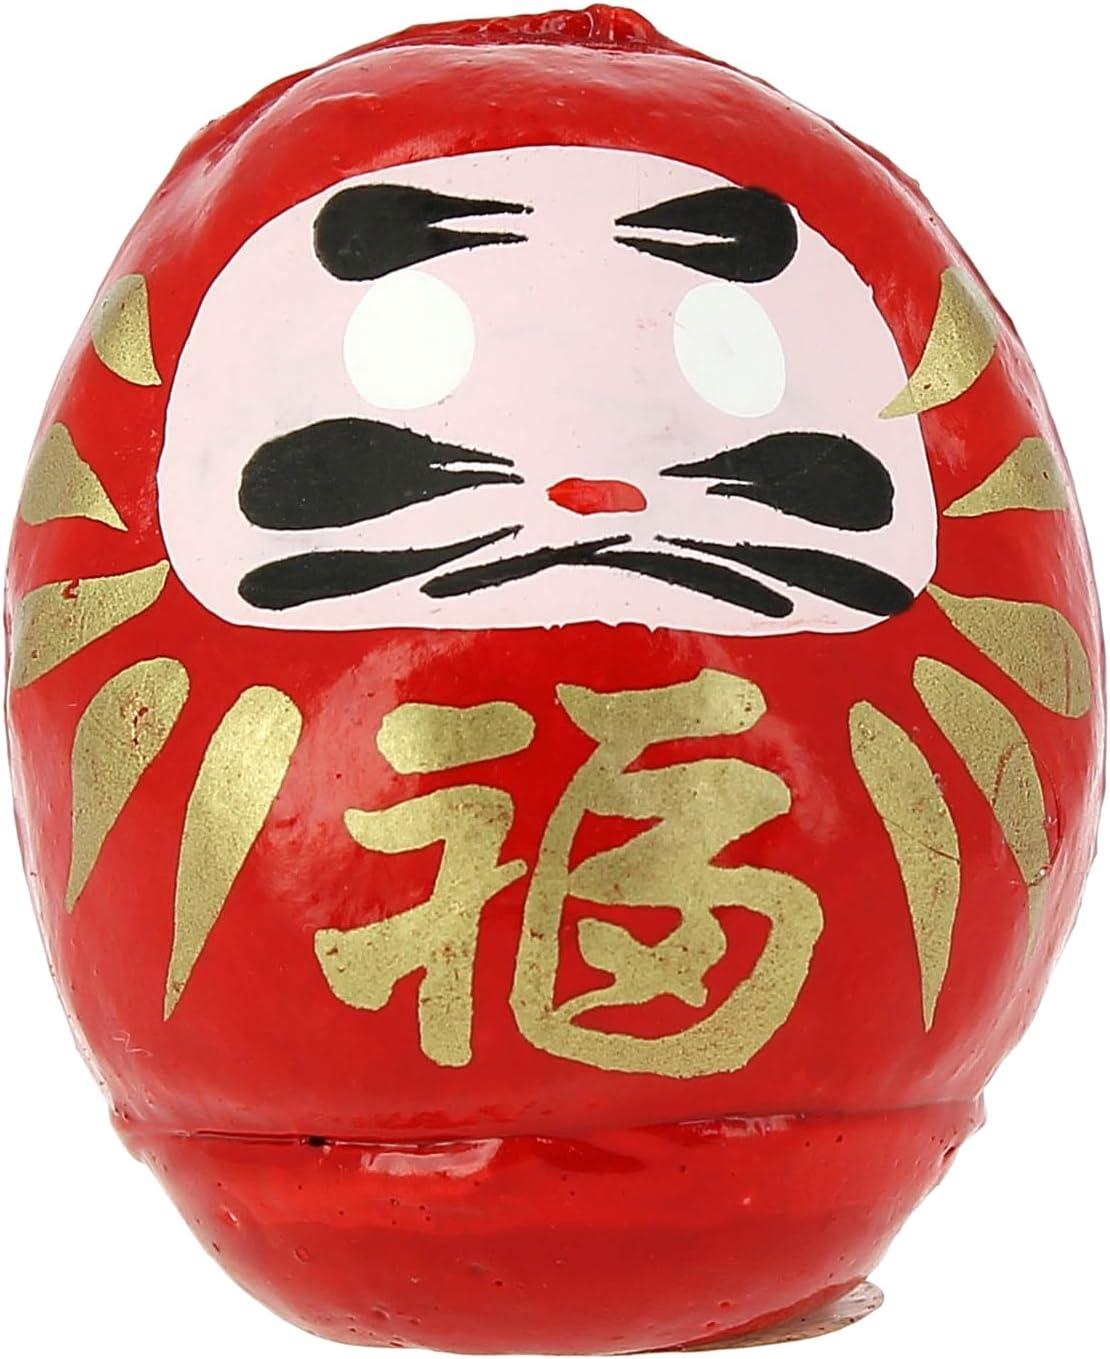 Tierra Zen Daruma Mediano, Papel maché Pintado, Rojo, 6,5 cm